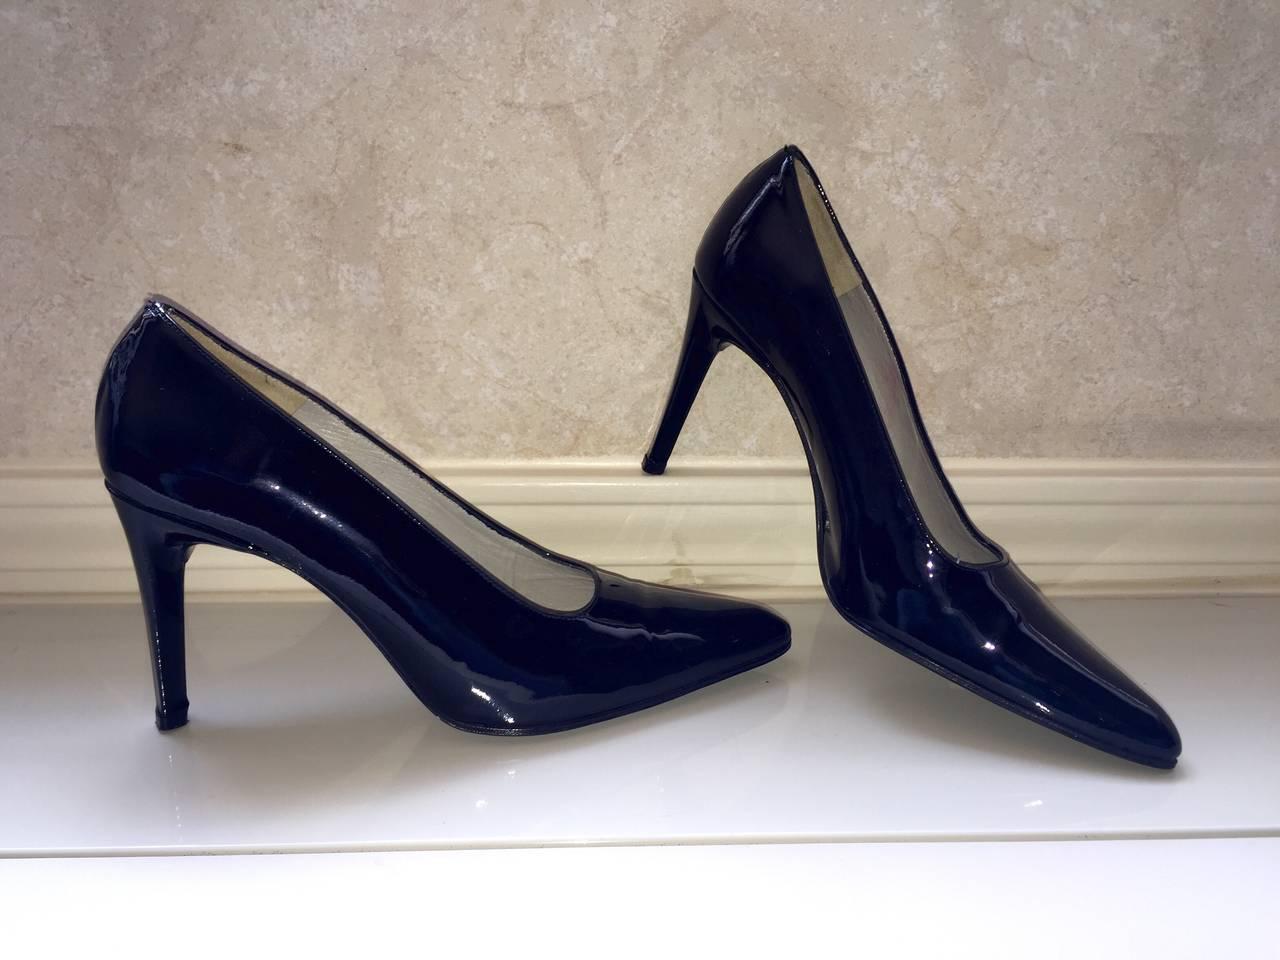 Vintage Carlos Falchi Classic Black Patent Leather Pumps / Heels / Shoes Size 8 For Sale 3